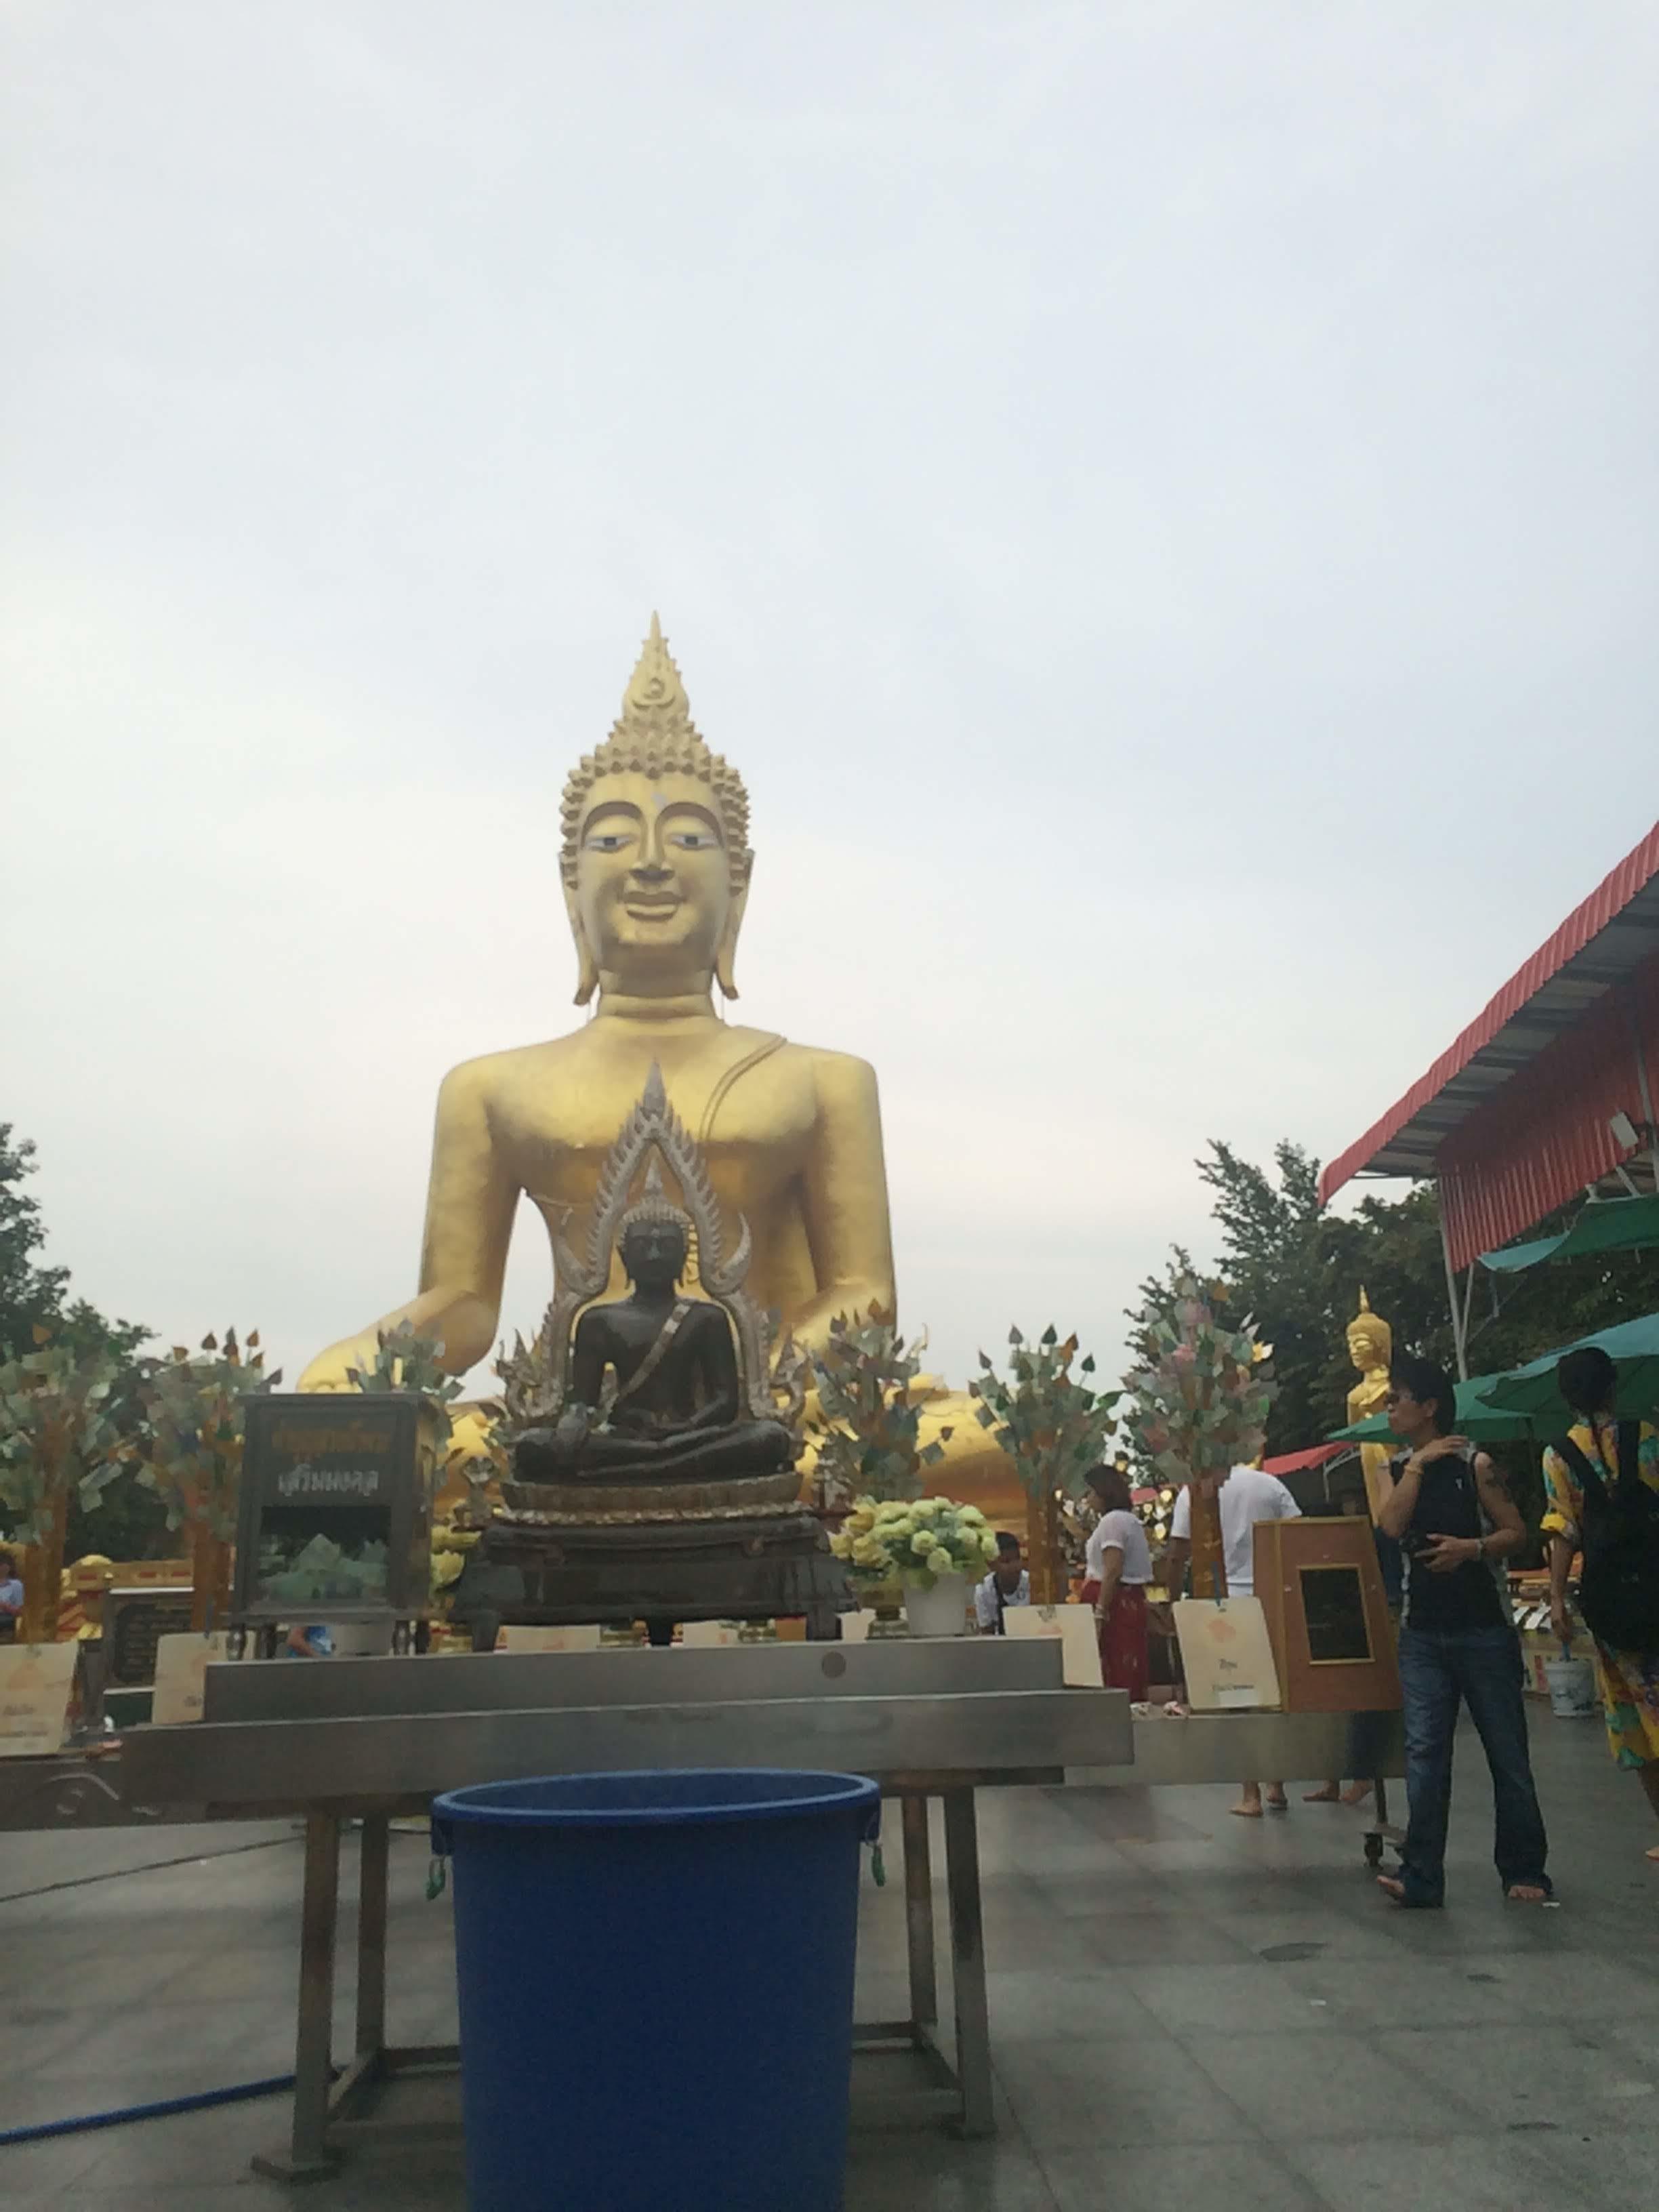 2018年秋に訪れたパタヤでのんびりワット・プラヤイ(Wat Phra Yai)に行ってみた件